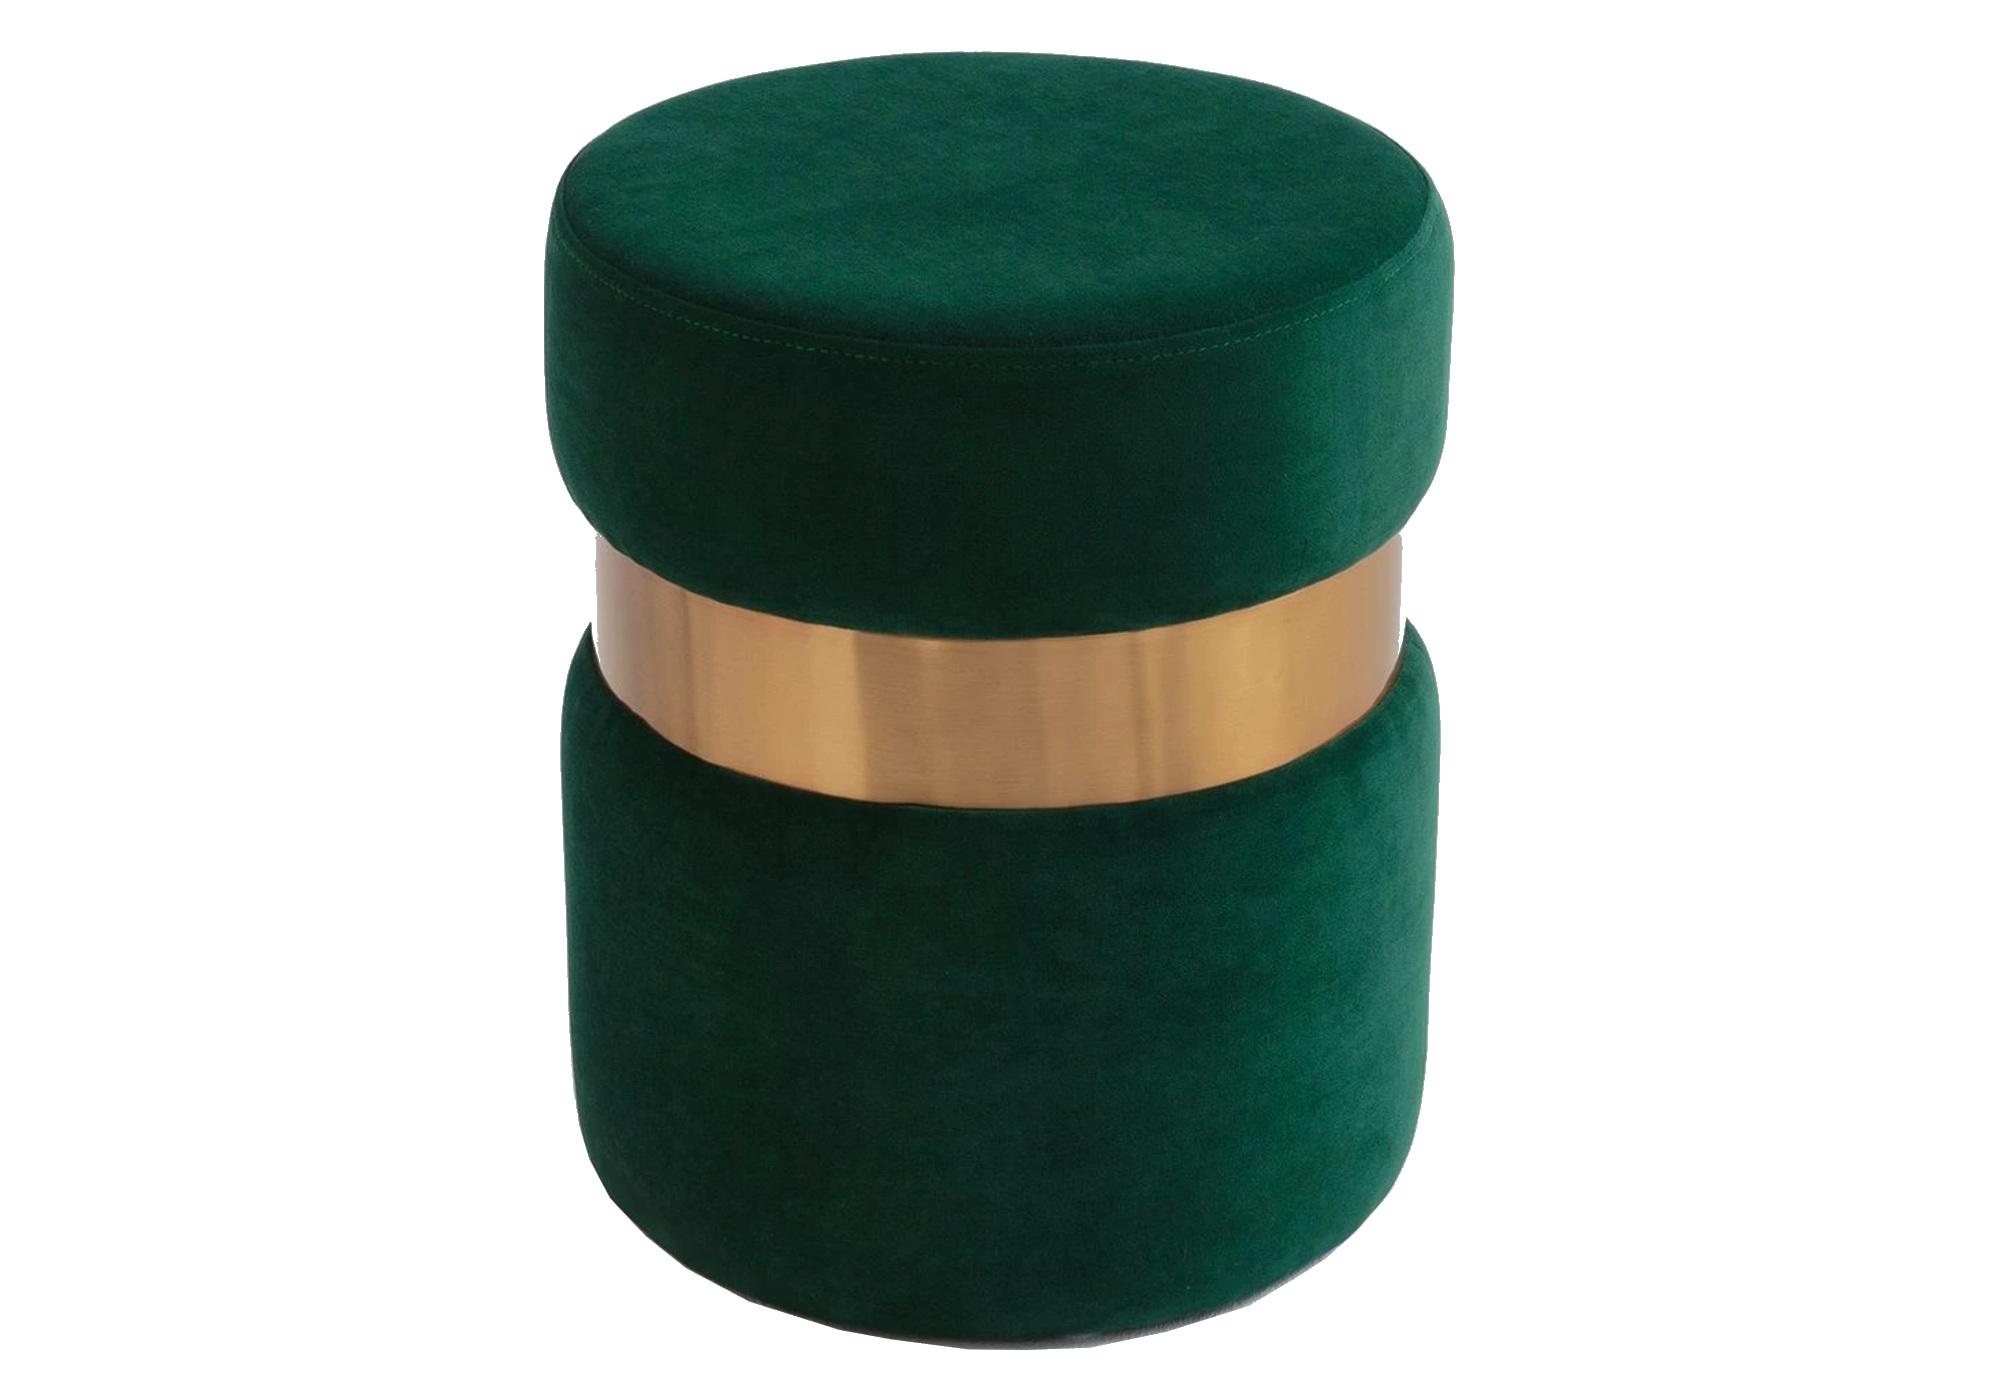 Pouf design doré velours vert ISY